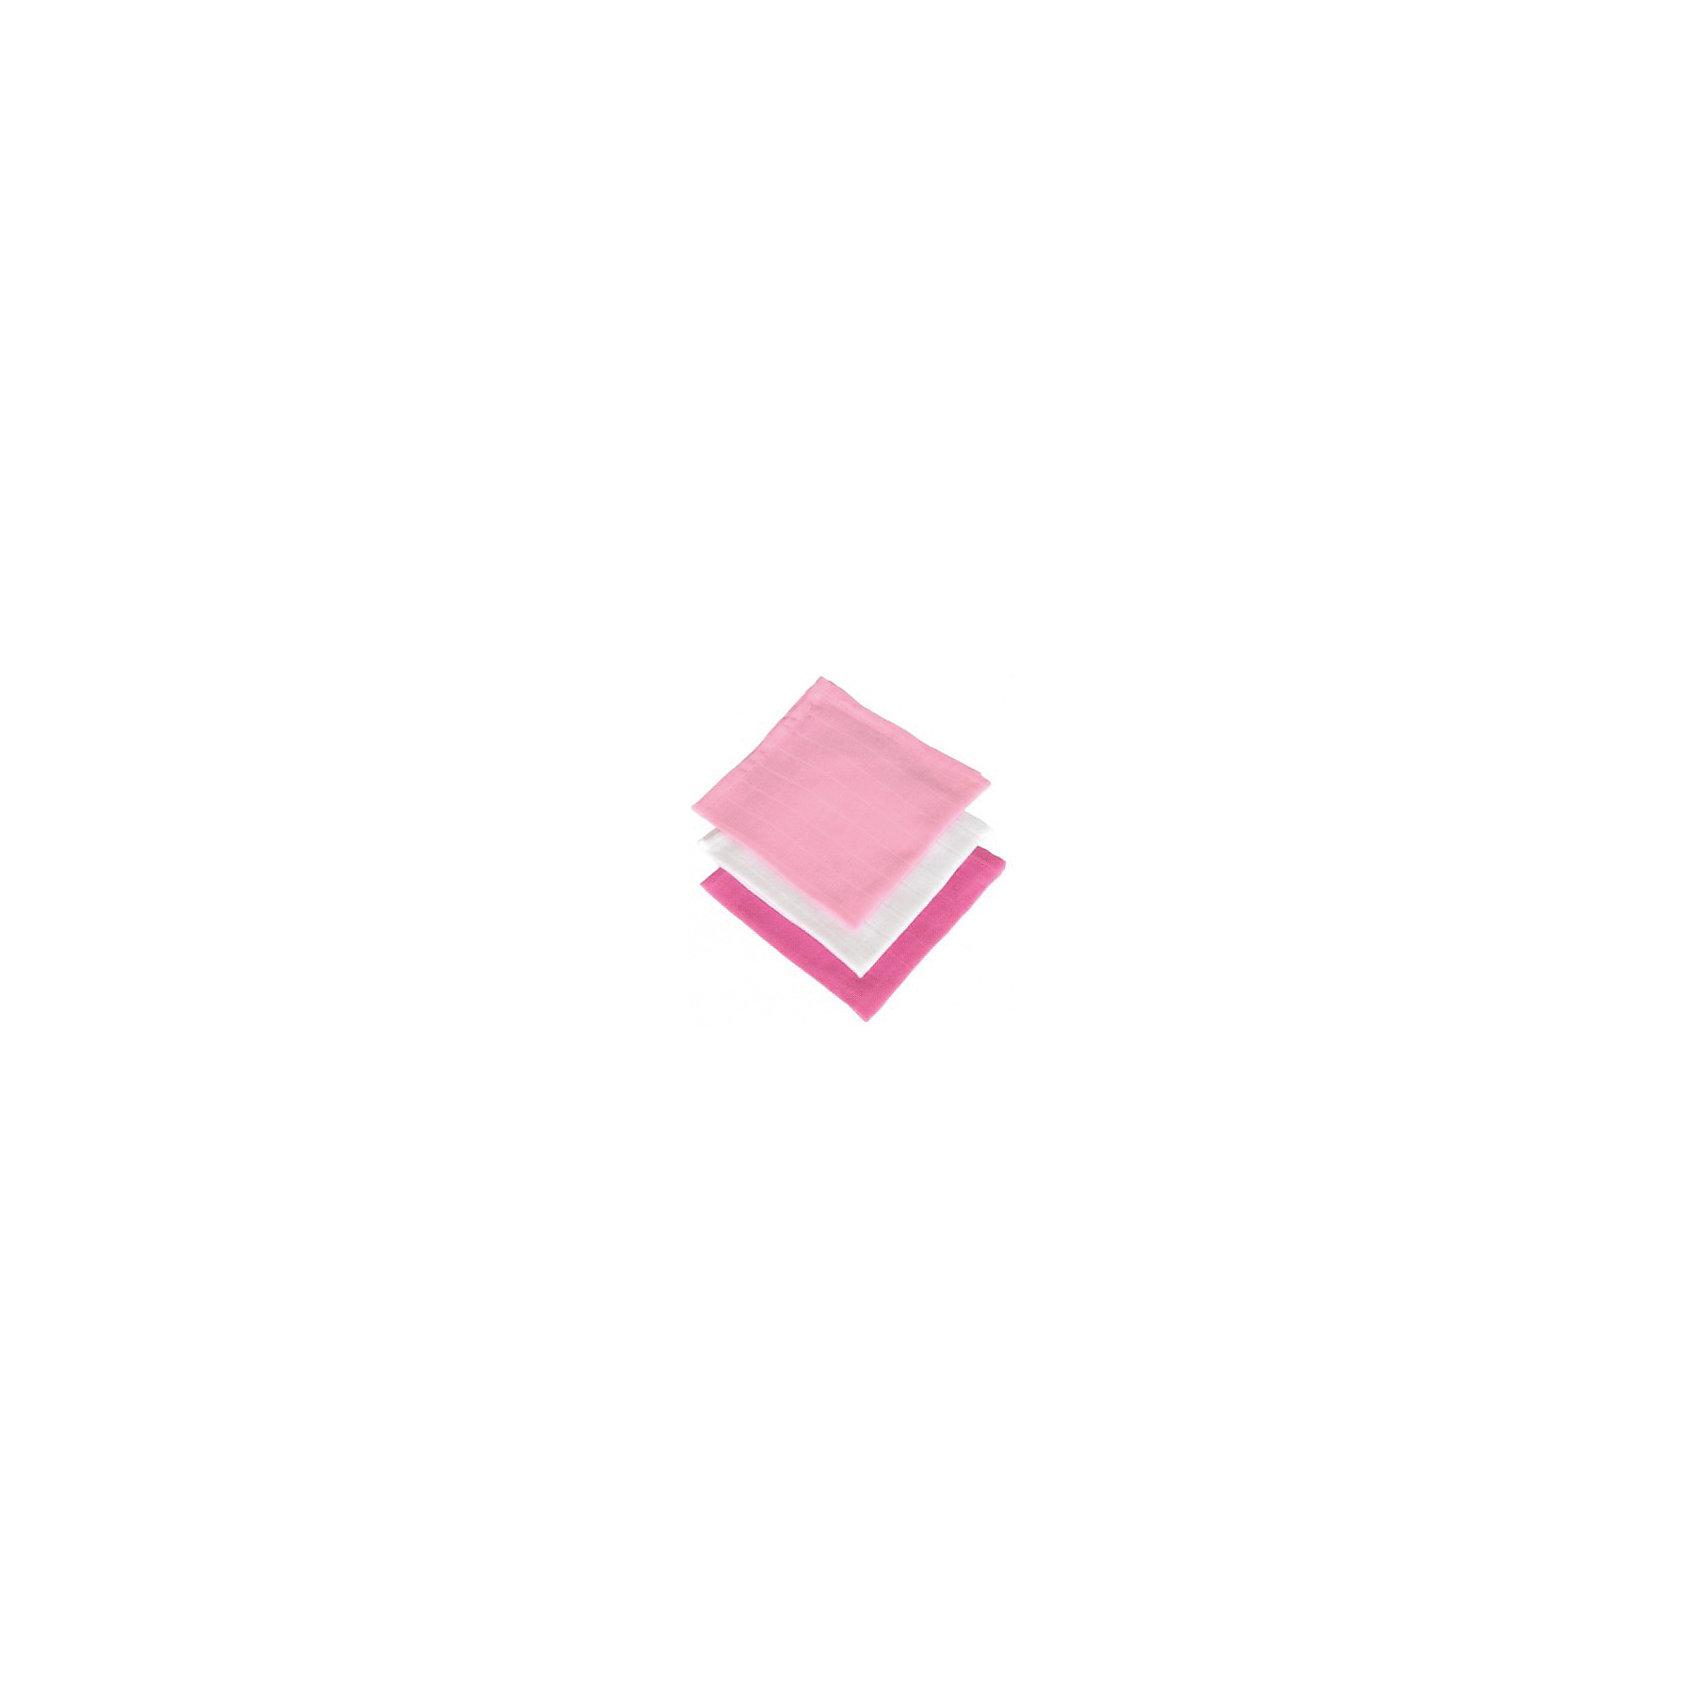 Салфетки для лица, 3 шт, Jollein, Fuchsia/pink/whiteУход за ребенком<br>Характеристики:<br><br>• Вид детского текстиля: салфетки для лица<br>• Пол: для девочки<br>• Цвет: розовый, белый<br>• Тематика рисунка: без рисунка<br>• Материал: 100% хлопок<br>• Размер: 30*30 см<br>• Вес: 90 г<br>• Особенности ухода: машинная или ручная стирка при температуре не более 40 градусов<br><br>Салфетки для лица, 3 шт, Jollein, Fuchsia/pink/white от торговой марки Жолляйн, которая является признанным лидером среди аналогичных брендов, выпускающих детское постельное белье и текстиль для новорожденных и детей. Продукция этого торгового бренда отличается высоким качеством и дизайнерским стилем. <br><br>Салфетки выполнены из муслина, который состоит из натурального хлопка, что обеспечивает повышенную впитываемость, быстрое высыхание и сохранение формы и цвета при частных стирках. <br><br>Салфетки имеют компактный размер, поэтому их удобно брать с собой в поездки и в детскую поликлинику. Салфетки для лица, 3 шт, Jollein, Fuchsia/pink/white обеспечат малышу опрятный внешний вид во время кормления или прогулки!<br><br>Салфетки для лица, 3 шт, Jollein, Fuchsia/pink/white можно купить в нашем интернет-магазине.<br><br>Ширина мм: 150<br>Глубина мм: 160<br>Высота мм: 20<br>Вес г: 300<br>Возраст от месяцев: 0<br>Возраст до месяцев: 36<br>Пол: Женский<br>Возраст: Детский<br>SKU: 5367197